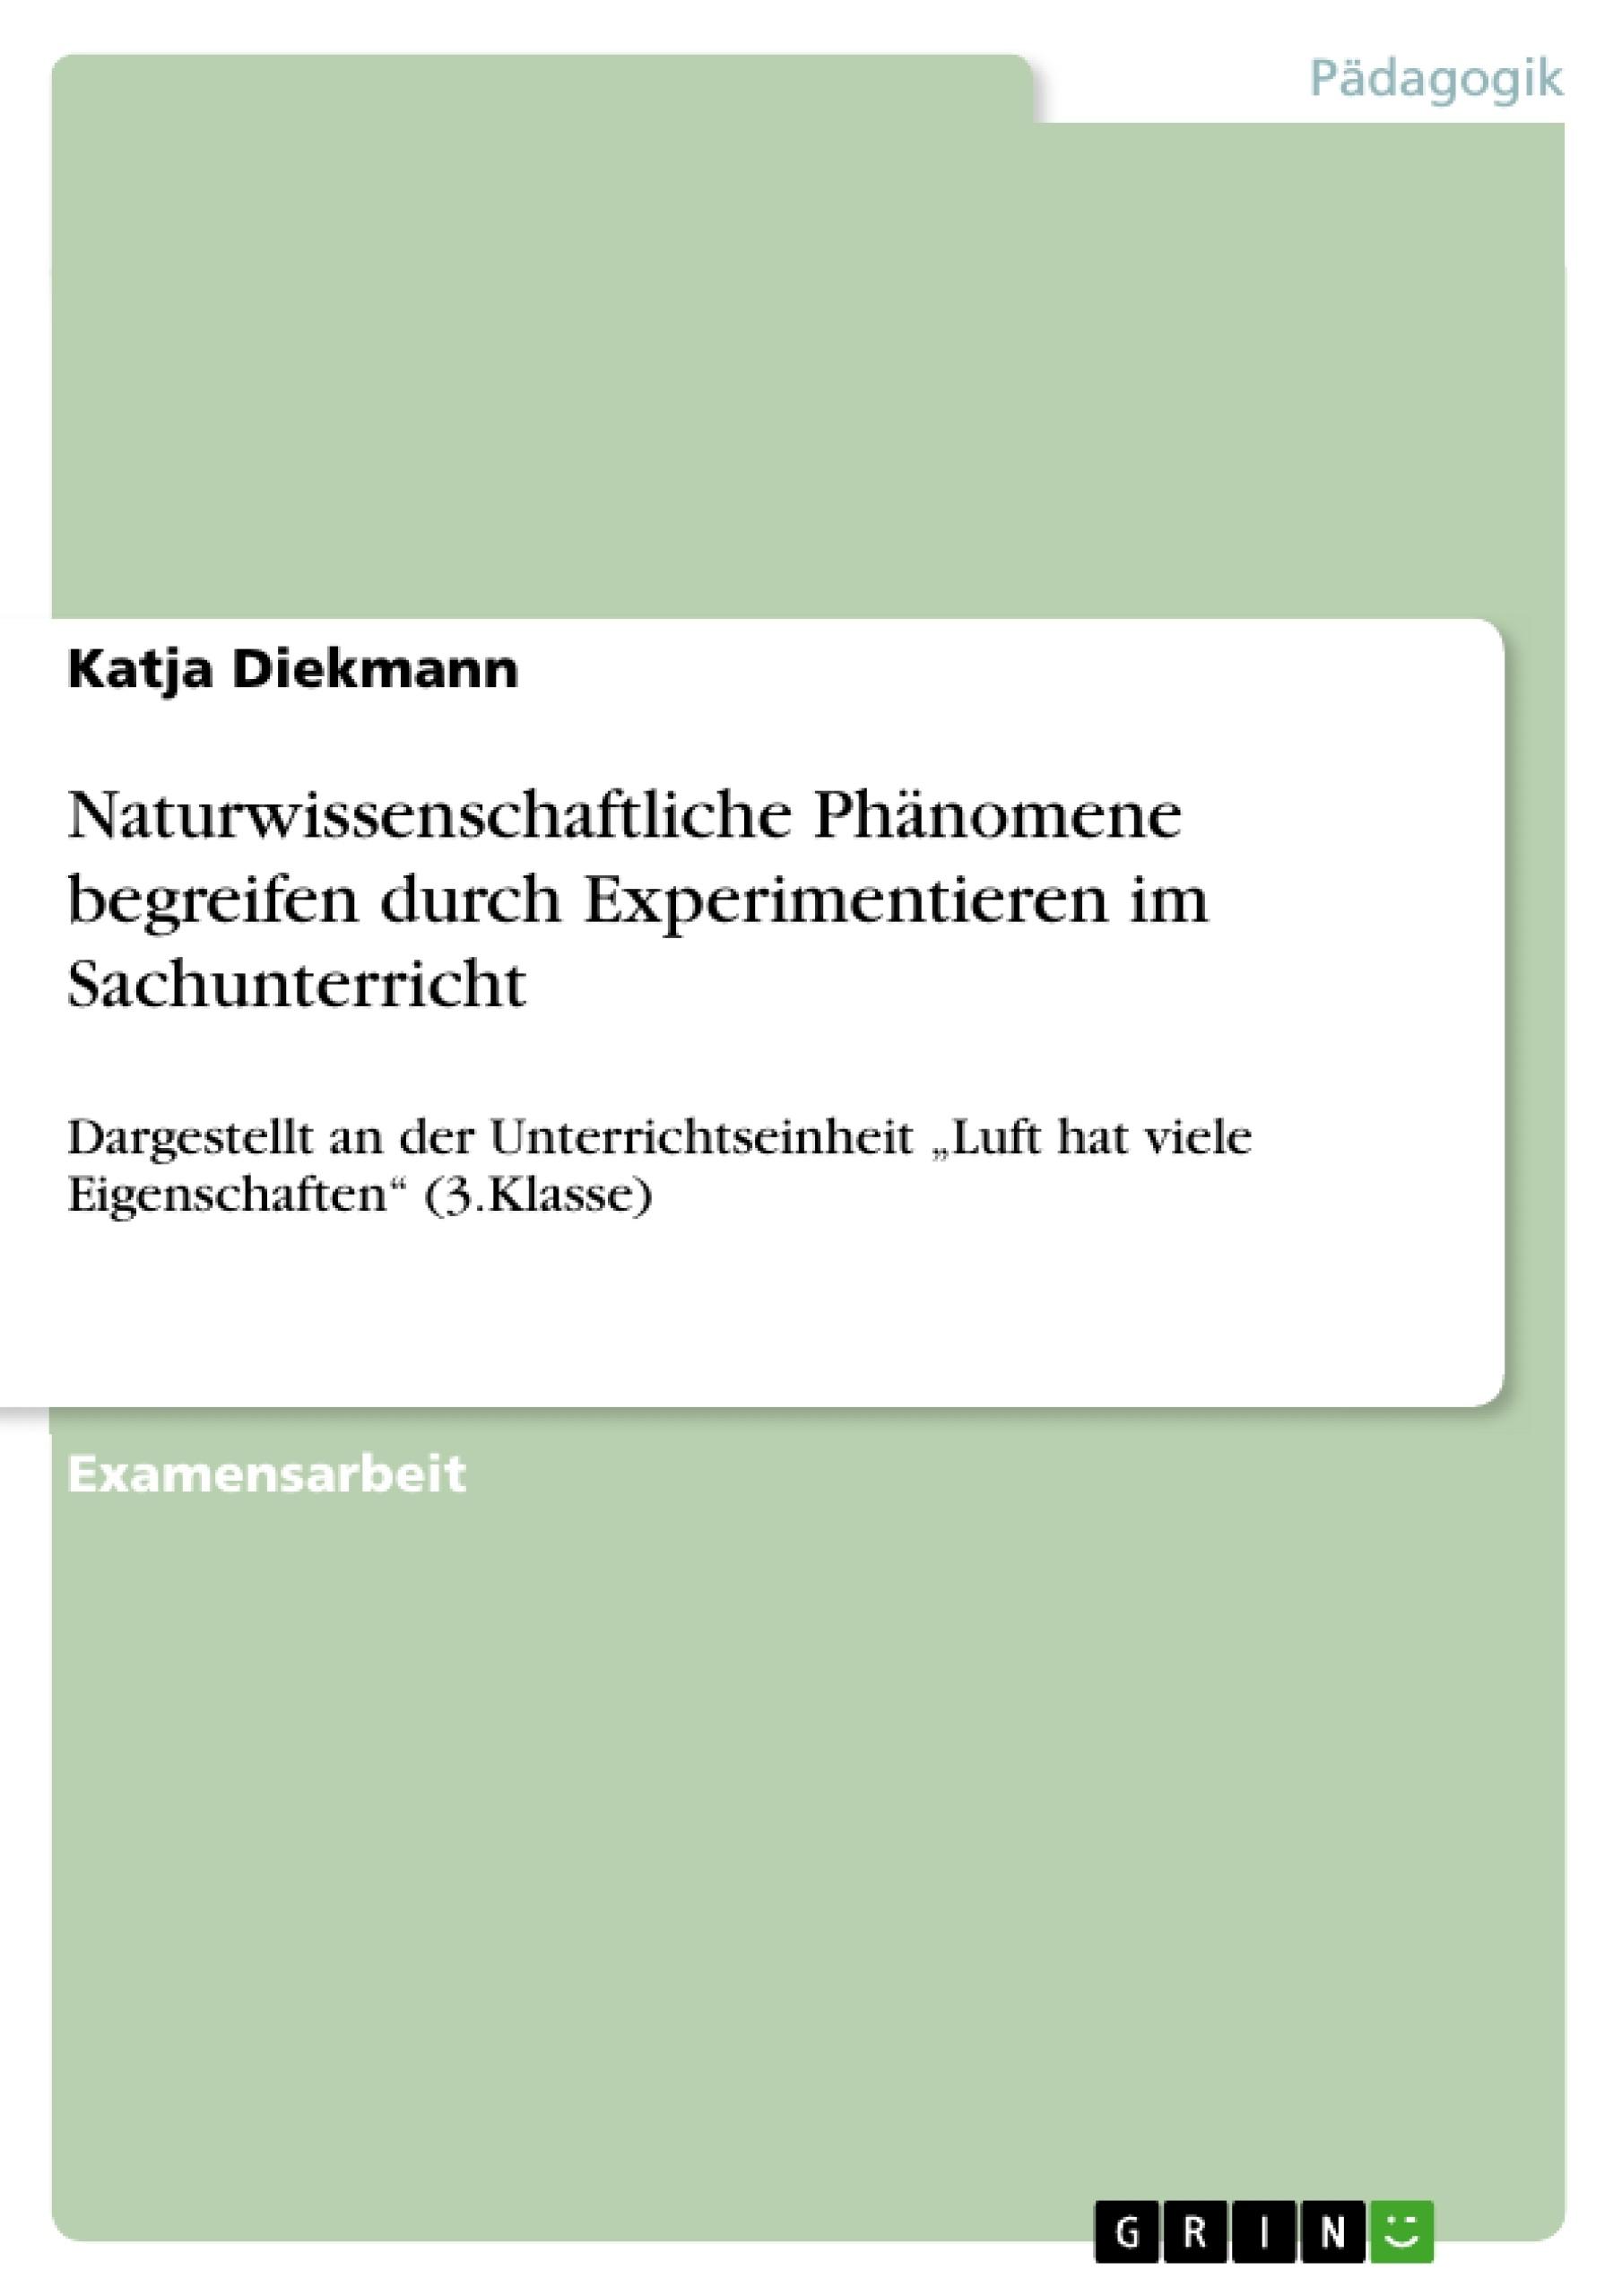 Naturwissenschaftliche Phänomene begreifen durch Experimentieren ...